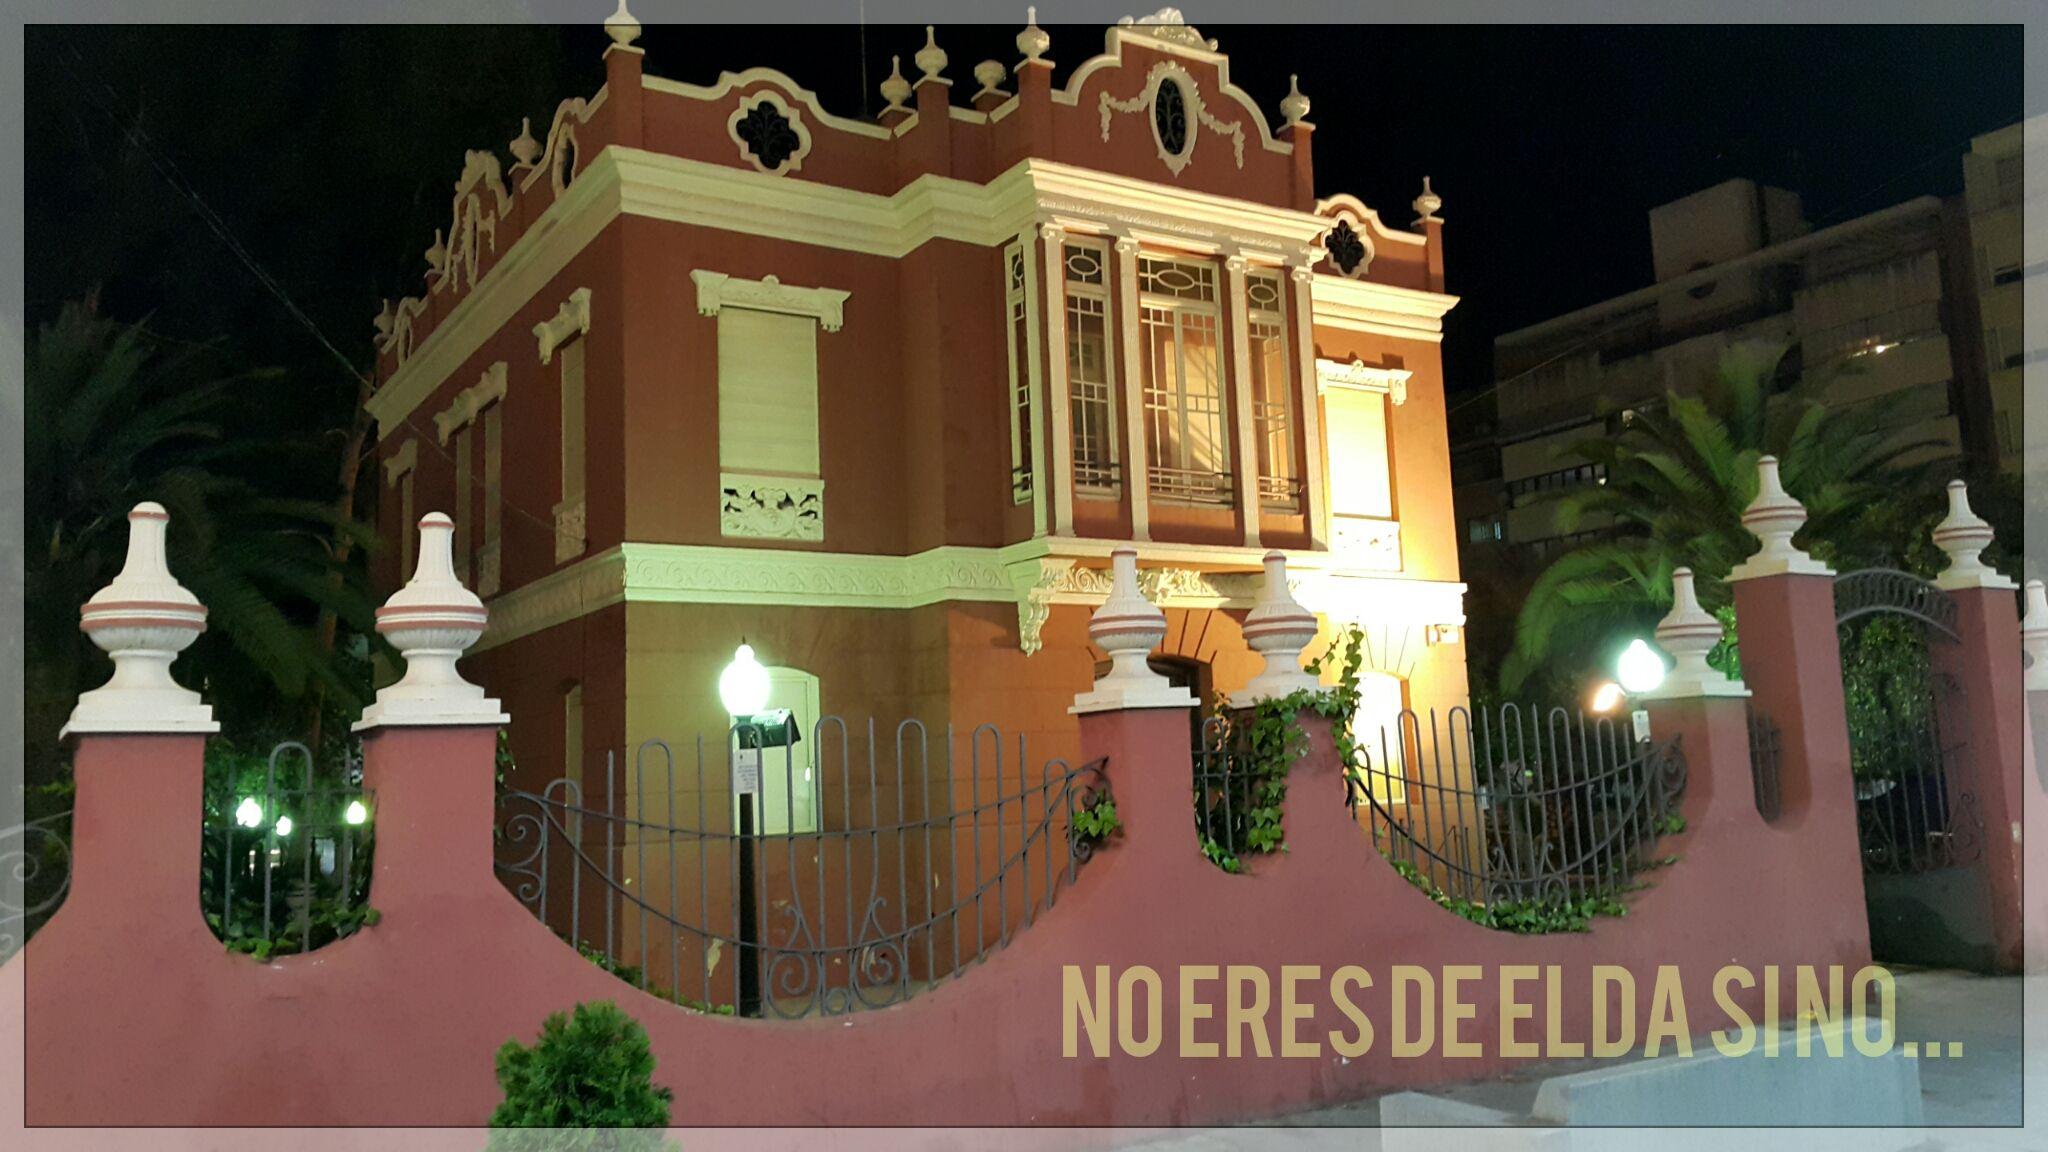 Idelsa se trasladar a la casa grande del jard n de la - Casas en elda ...